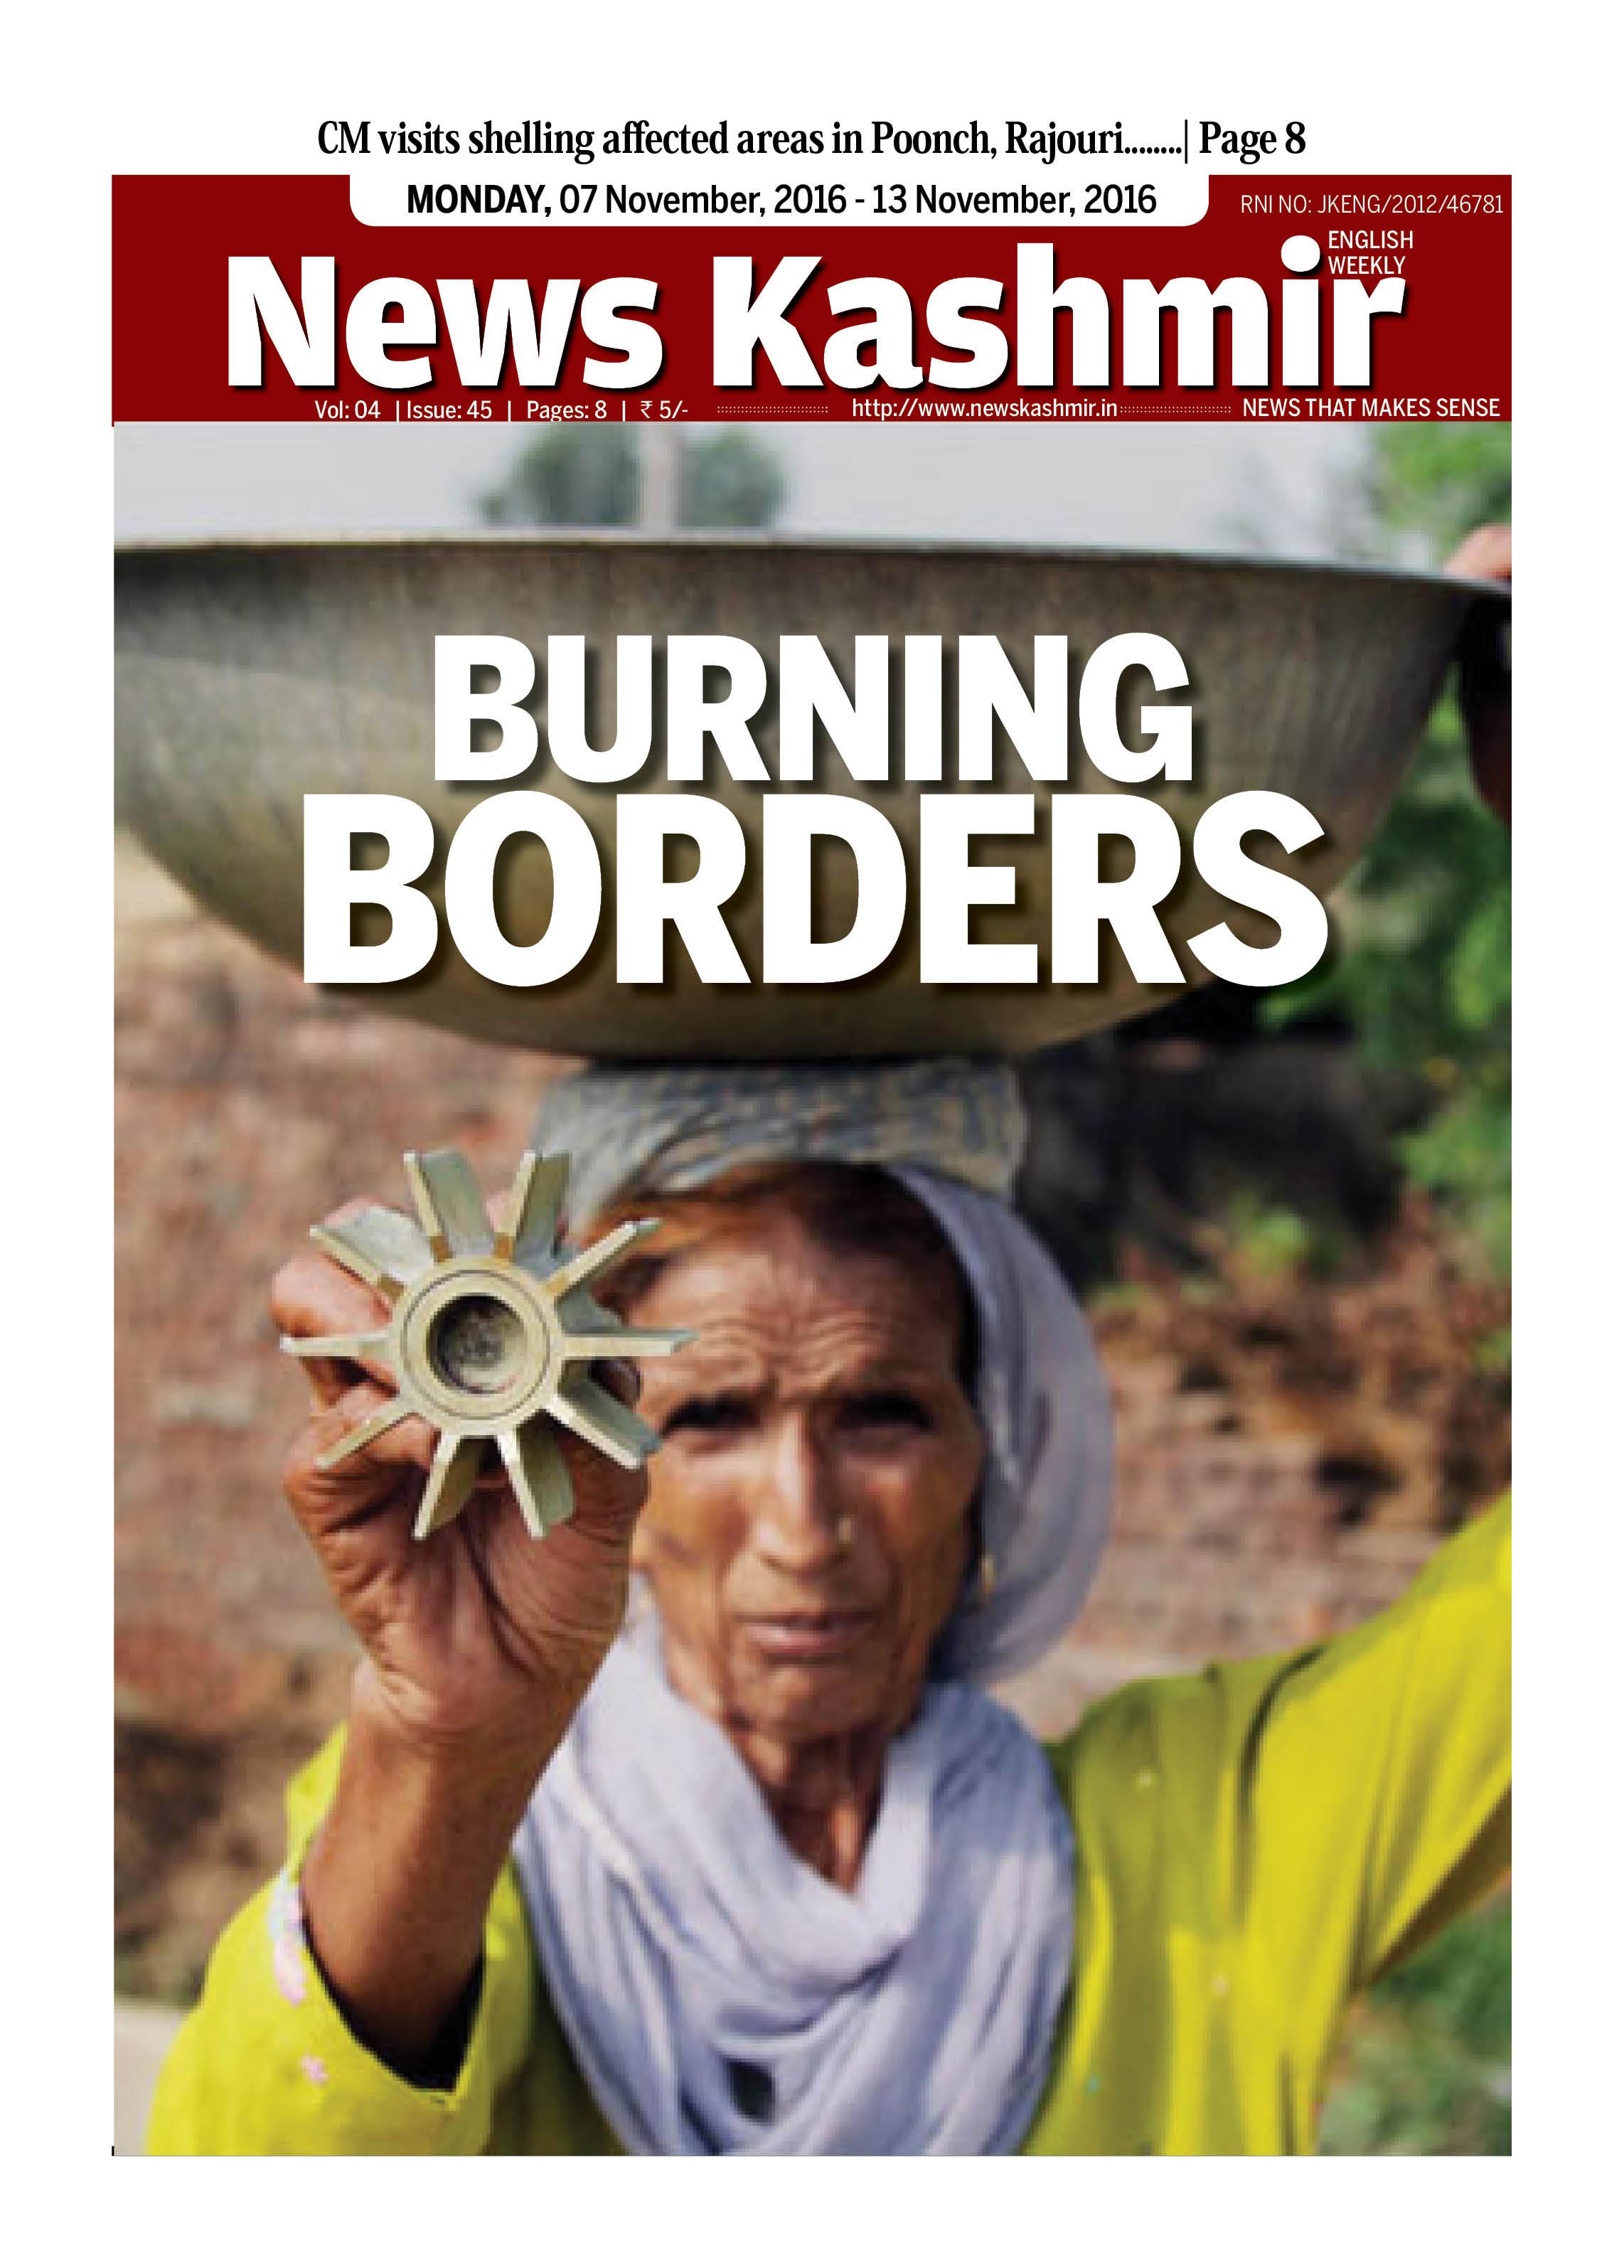 Burning Borders